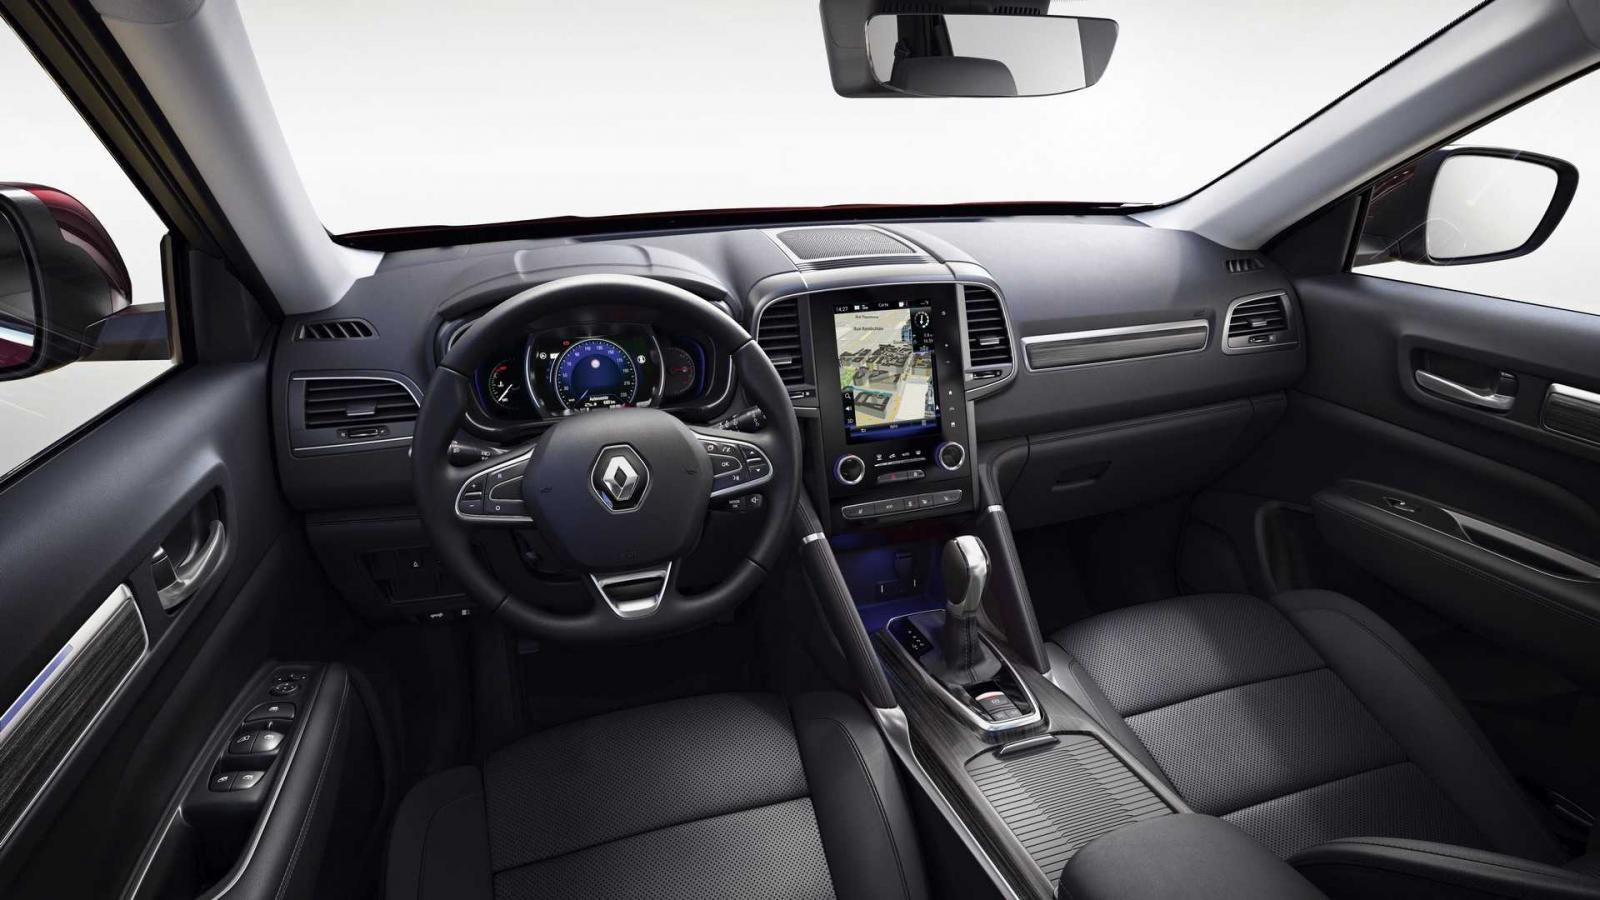 La Renault Koleos 2020 presume una cabina espaciosa y con buenas sensaciones al tacto